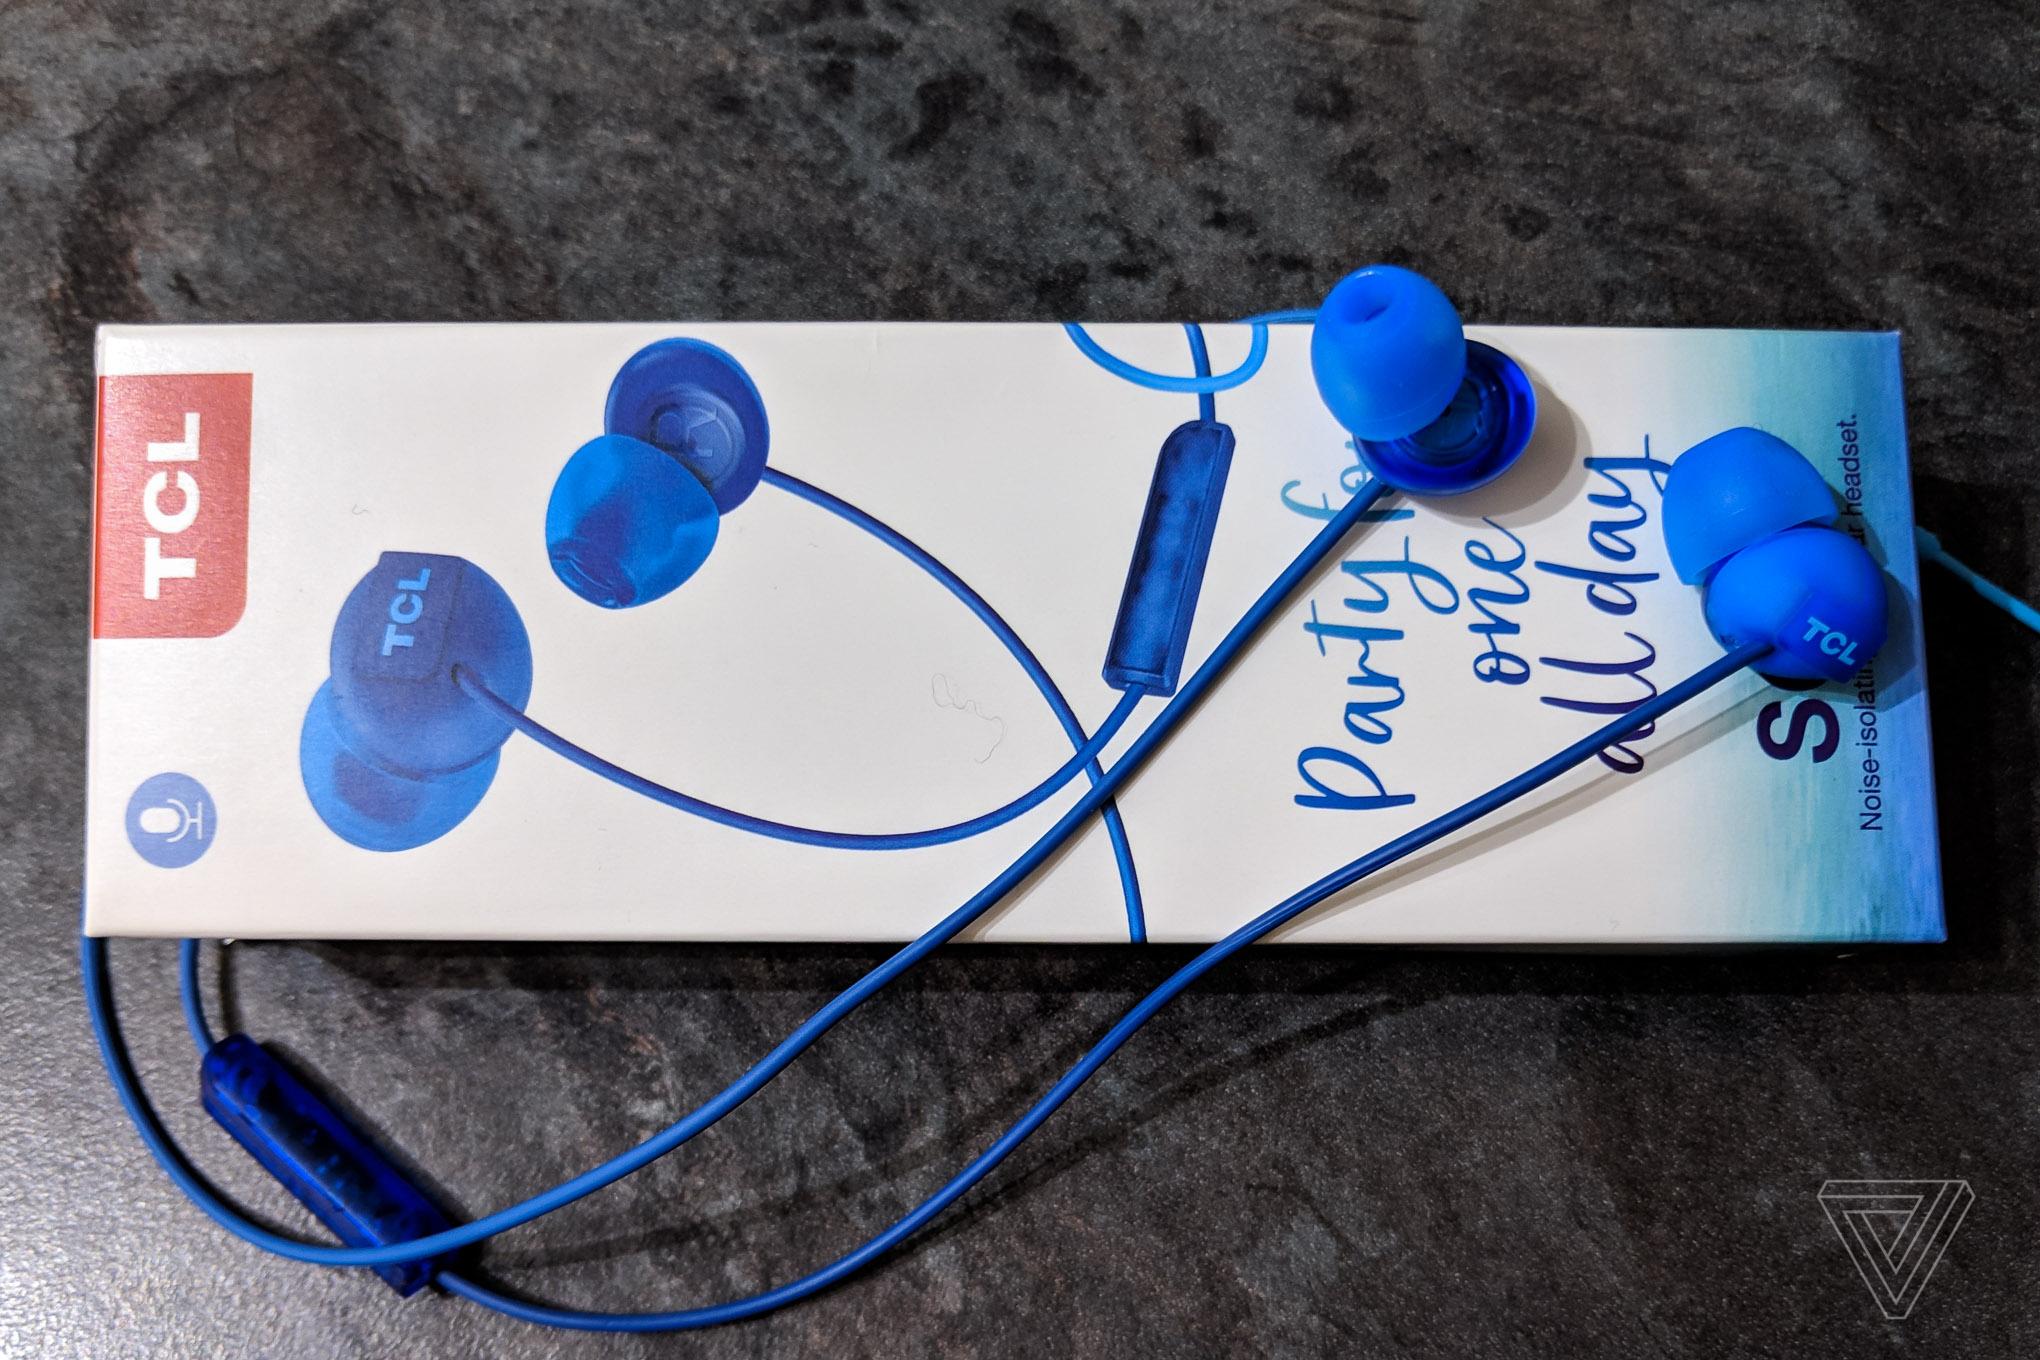 TCL SOCL earphones.